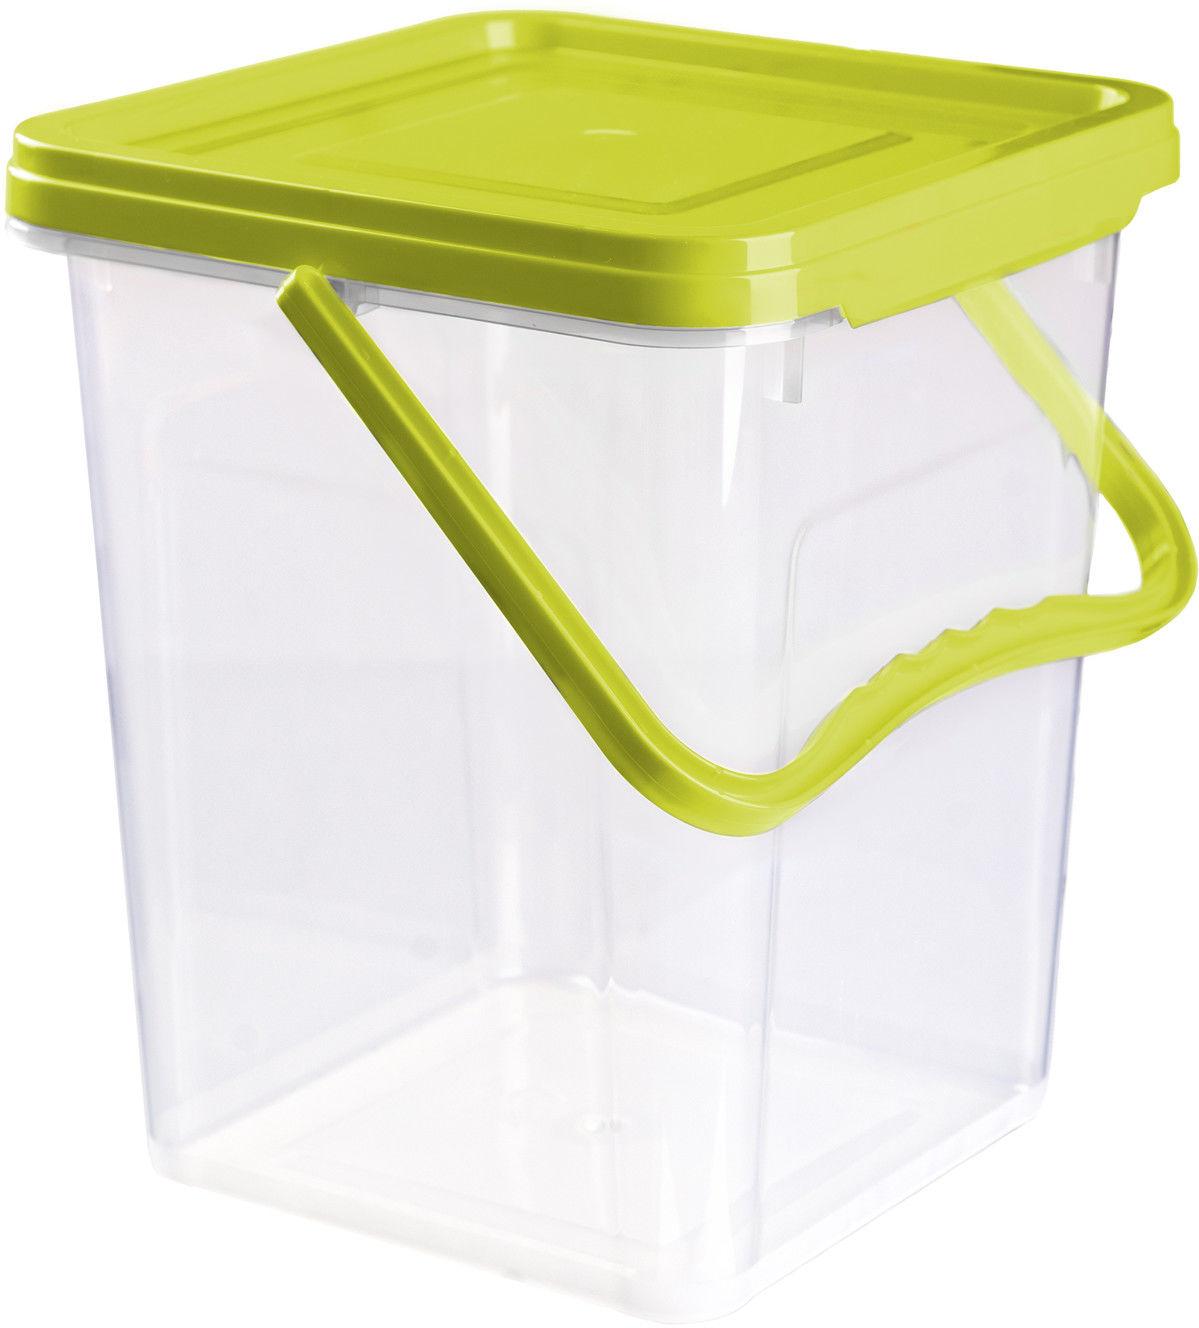 Pojemnik Clean Box 9,1 l. [zielony]